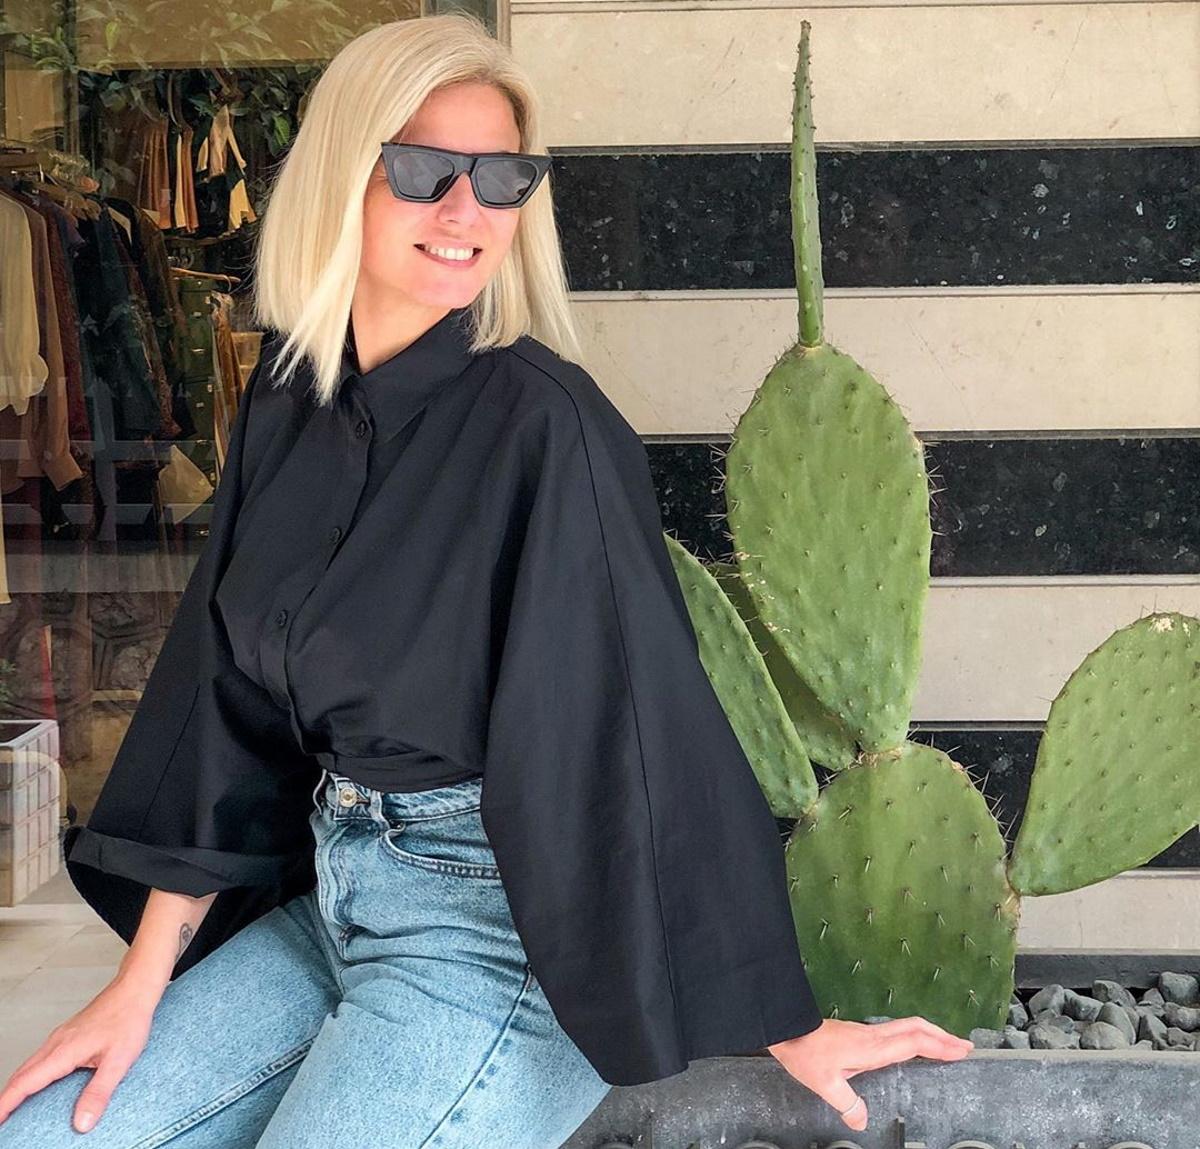 Χριστίνα Κοντοβά: Η σκληρή προπόνησή της στο σπίτι! Φωτογραφία